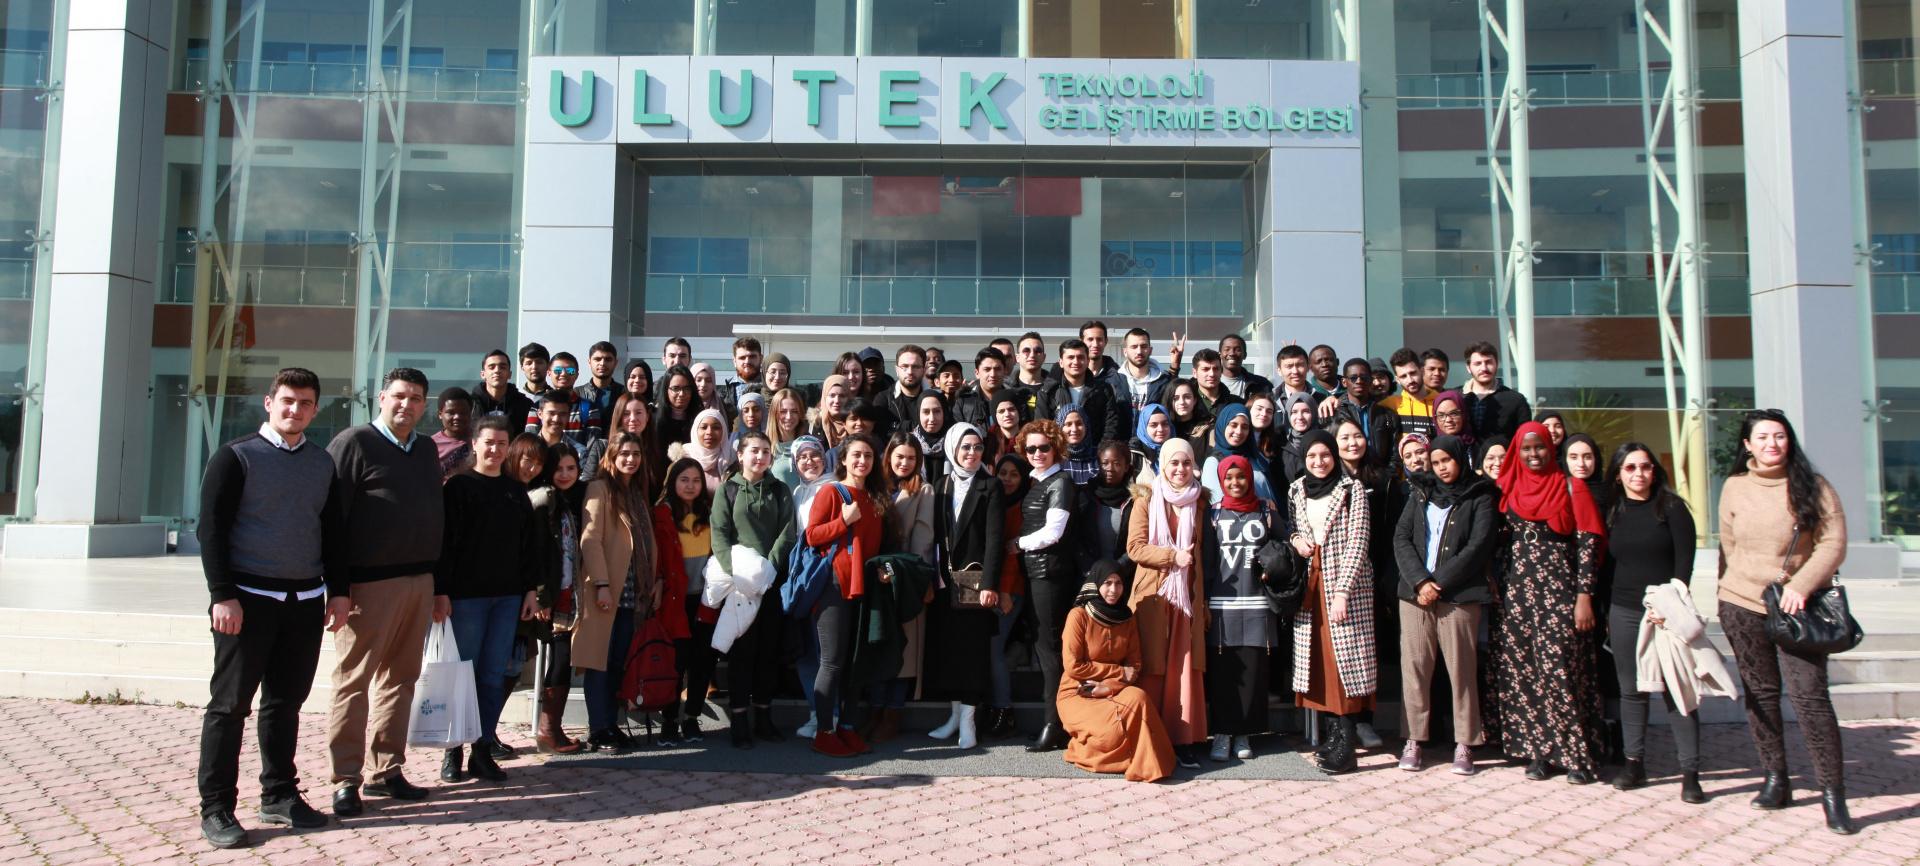 YTB ÖĞRENCİLERİ İLE ULUTEK/TEKNOPARK GEZİSİ